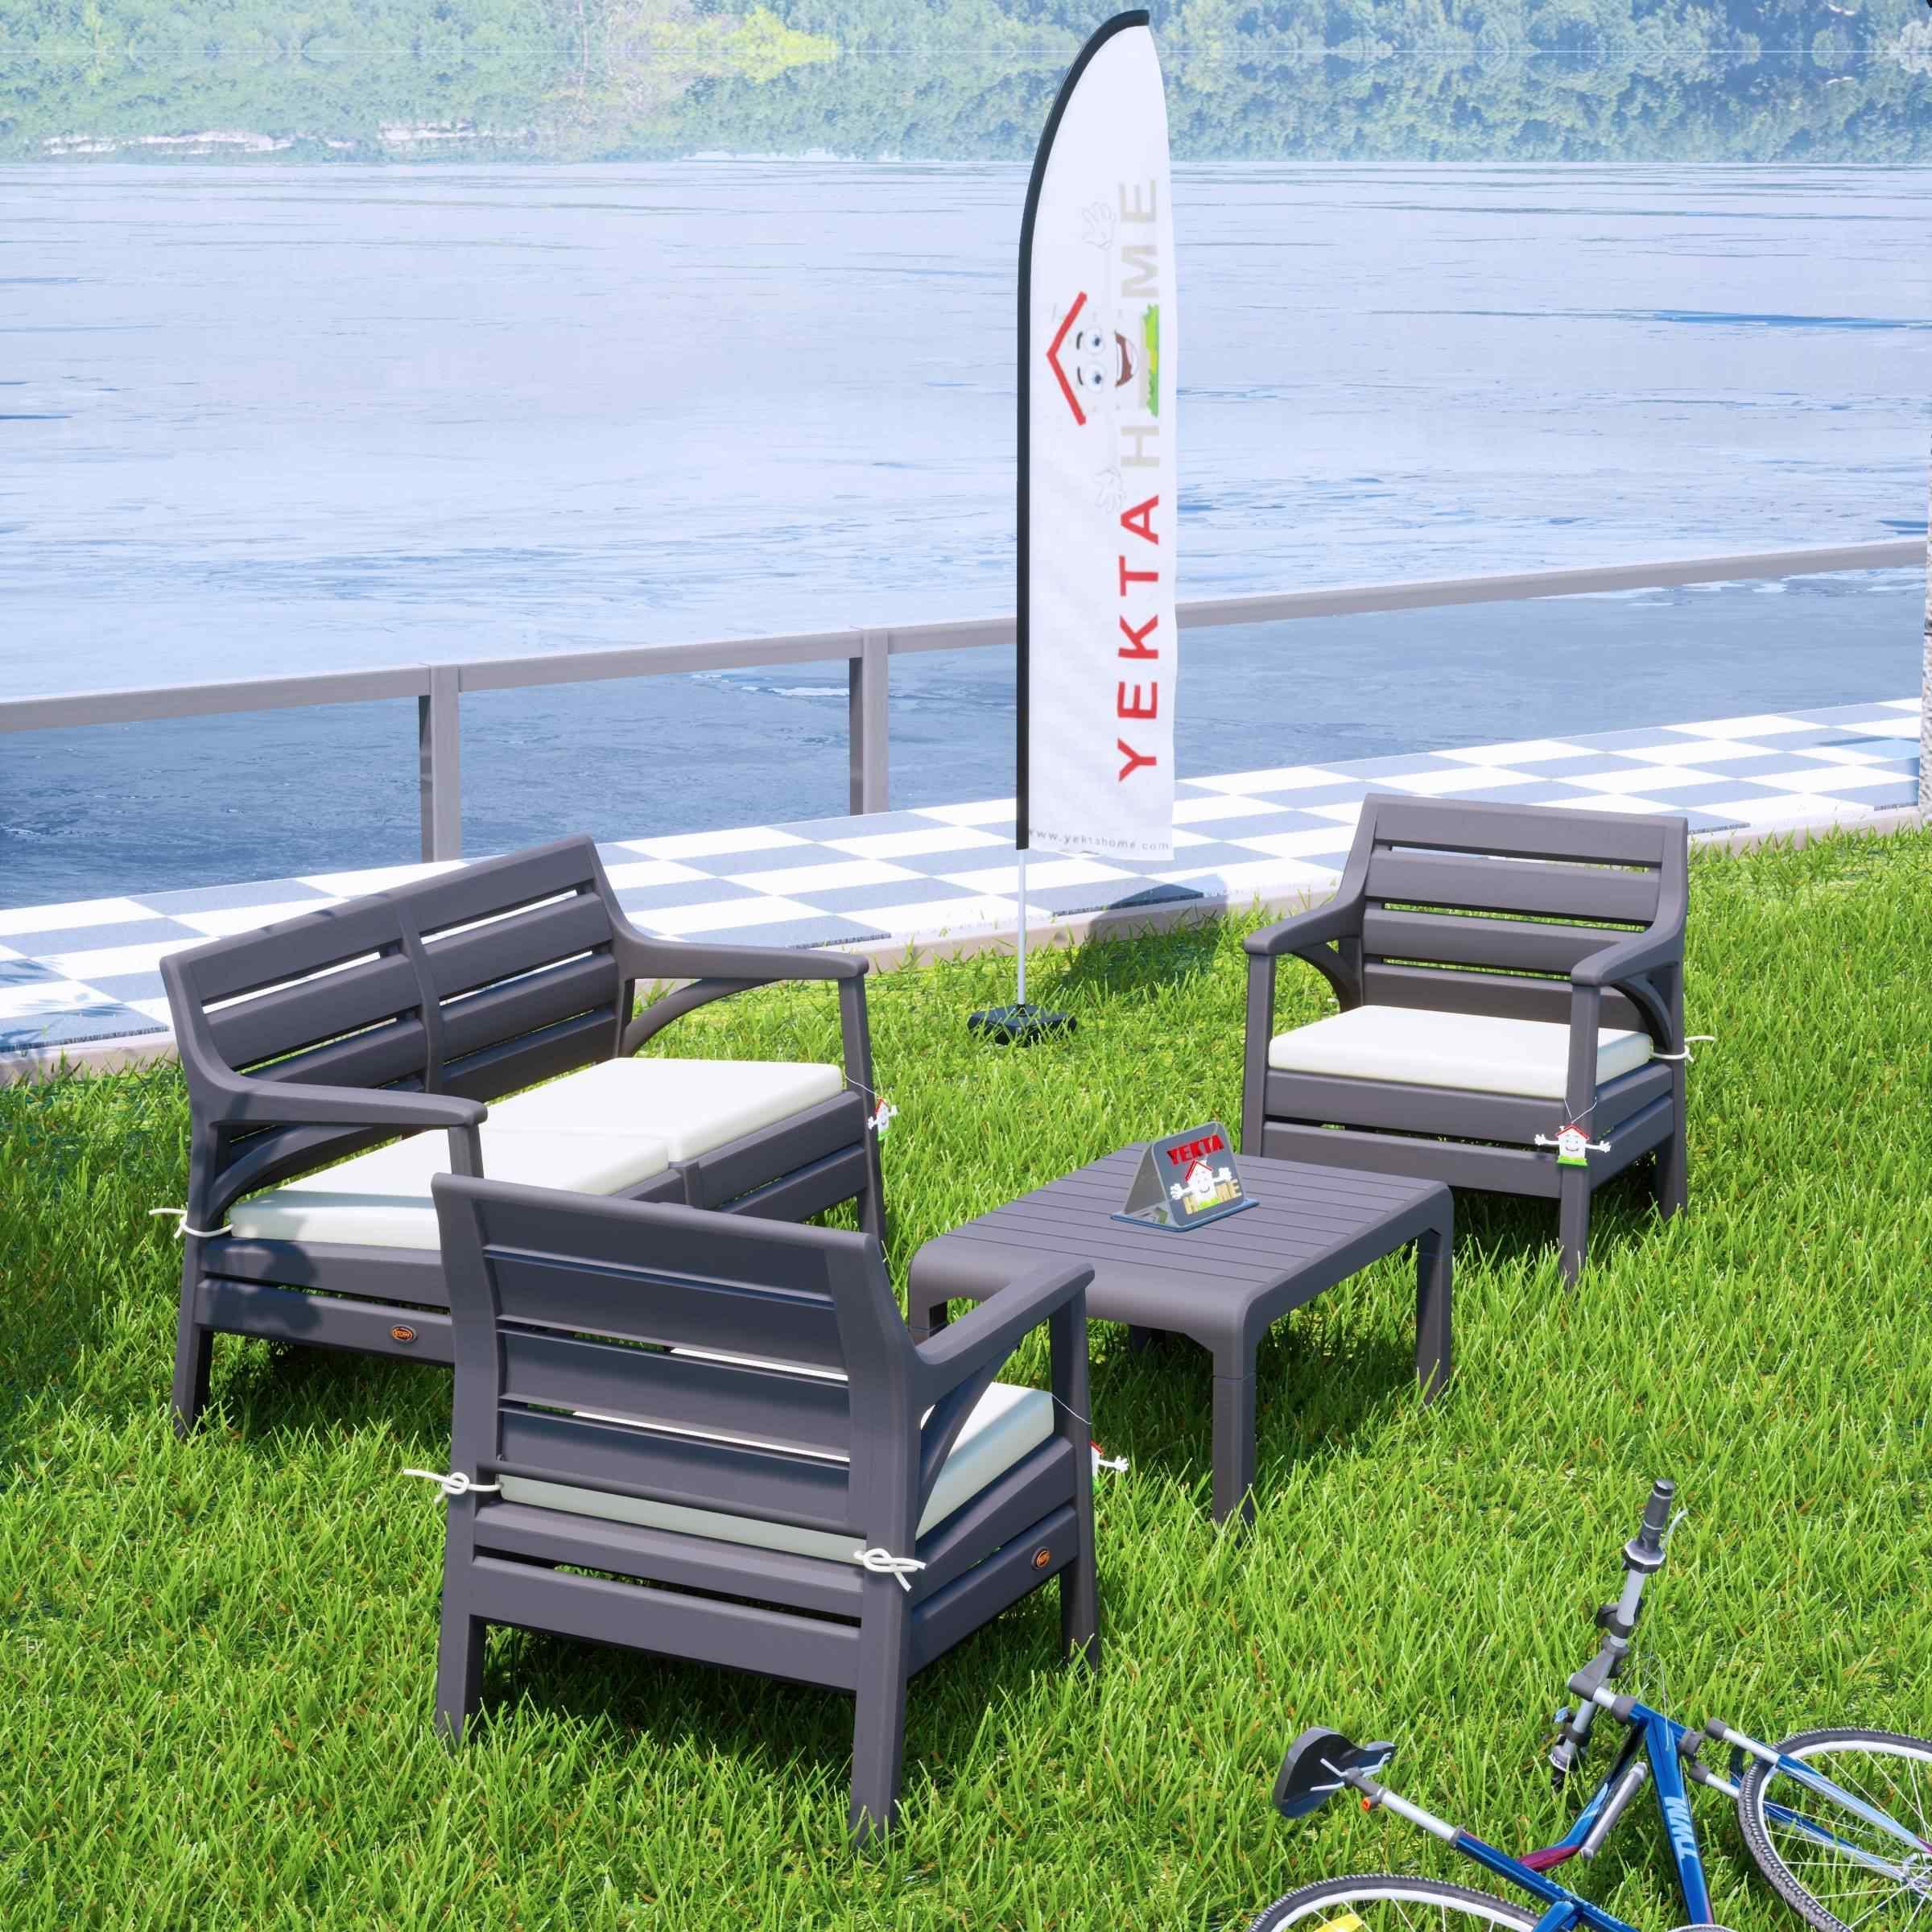 Holiday Miami Bahçe Takımı Balkon Seti Bahçe Mobilyası Çöl Gri